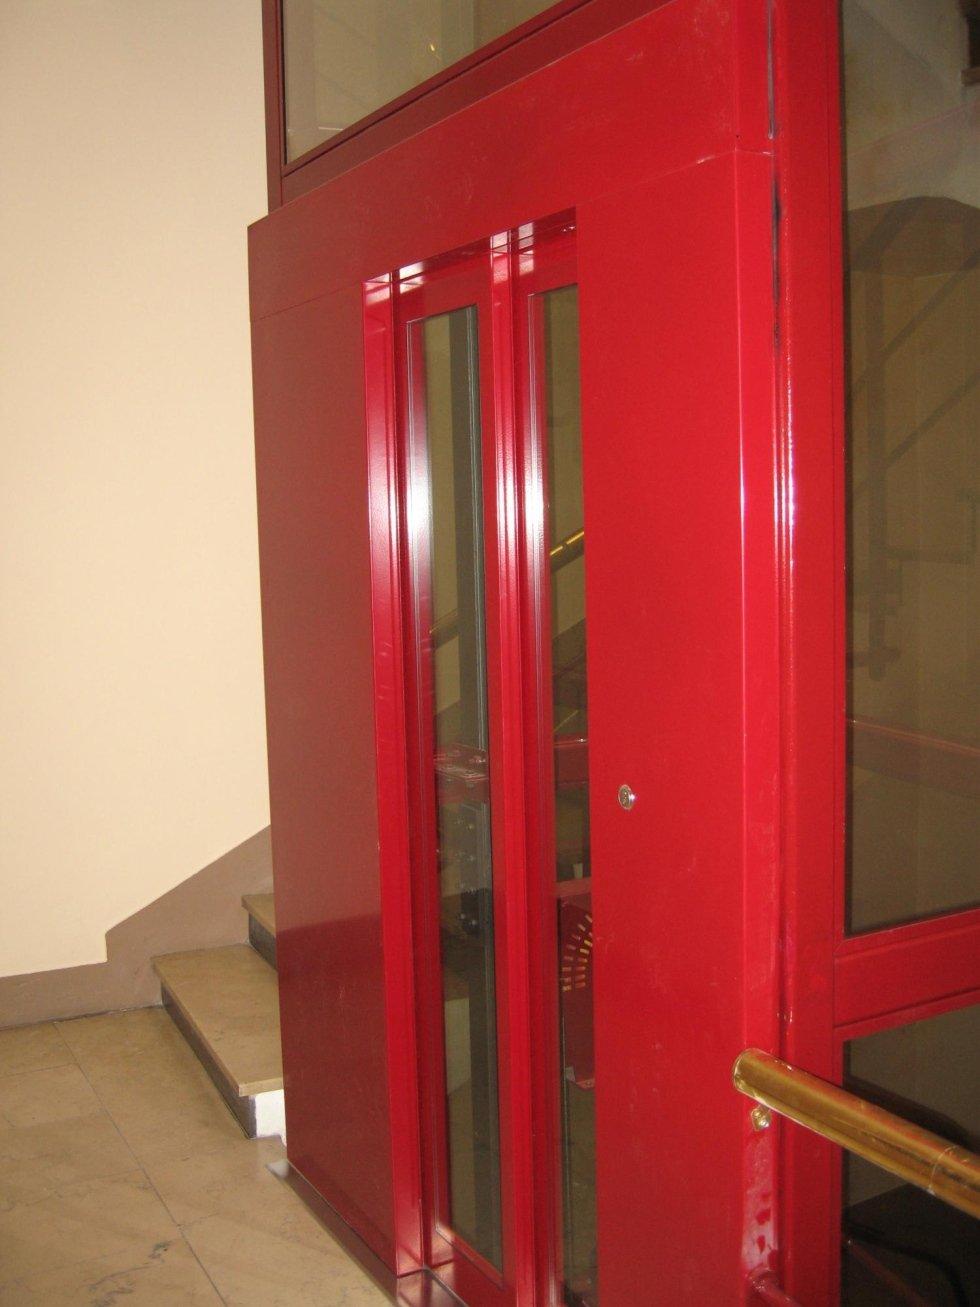 ascensore porte in vetro e profili rossi, vista laterale